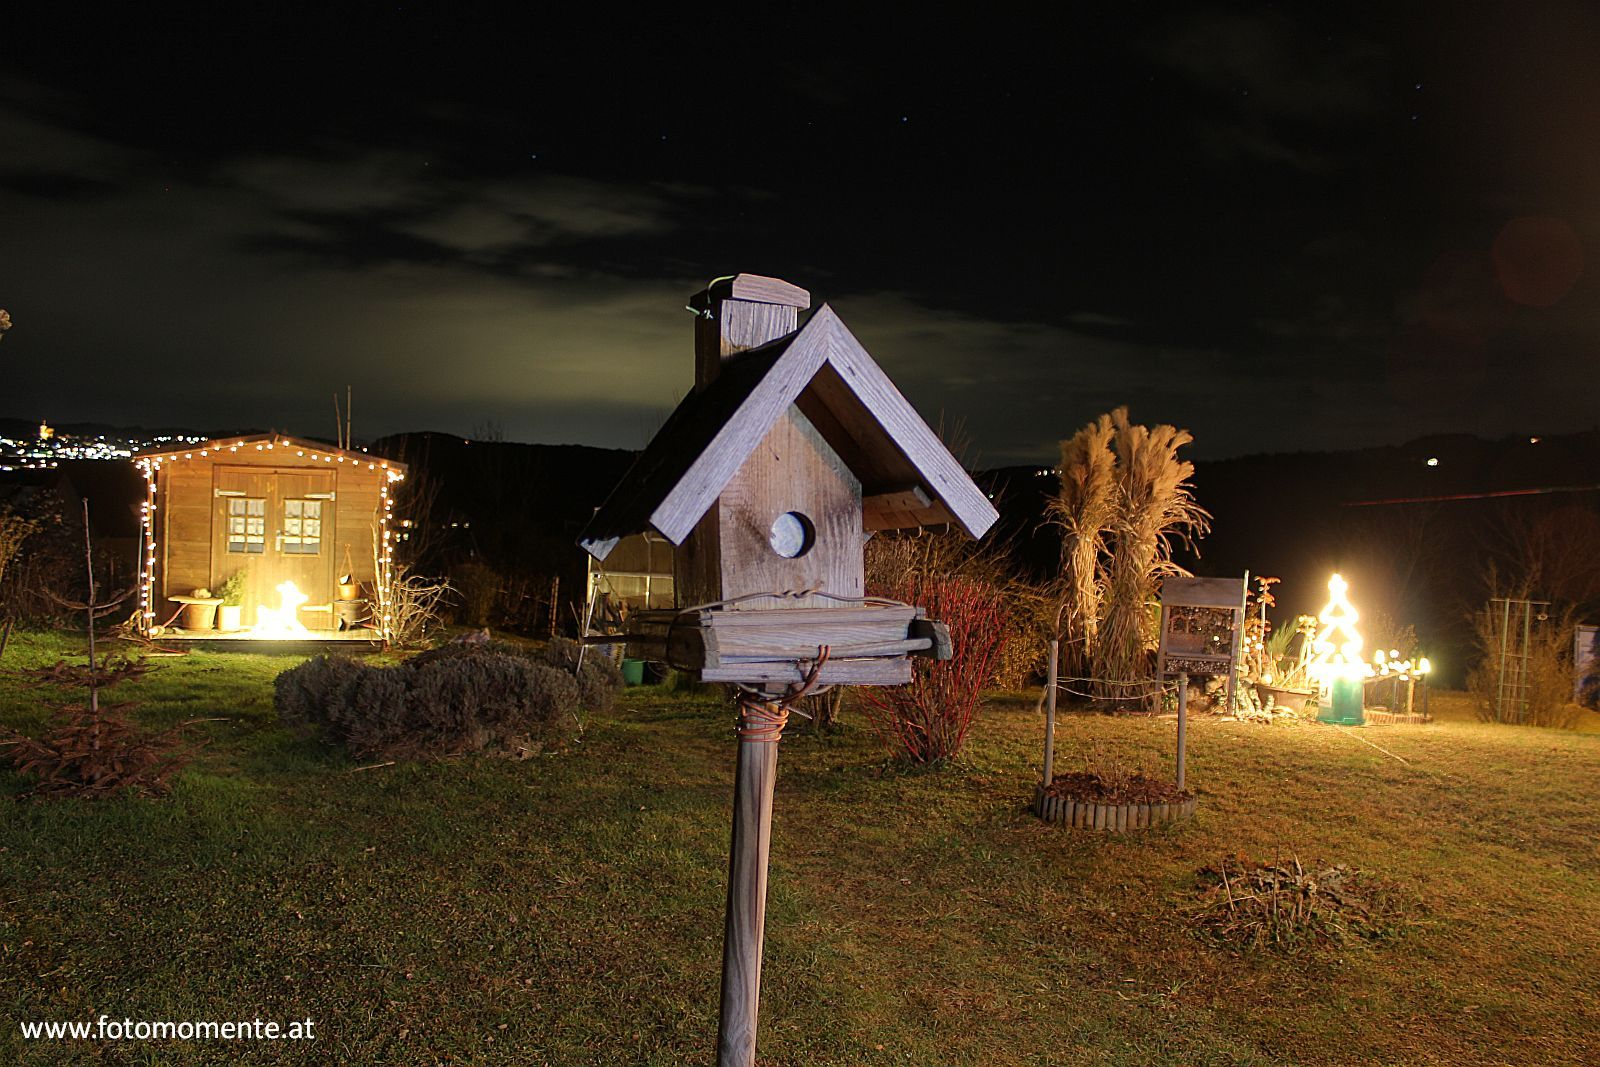 vogelhaeuschen weihnachten beleuchtung nacht - Vogelhäuschen bei Nacht mit Weihnachtsbeleuchtung